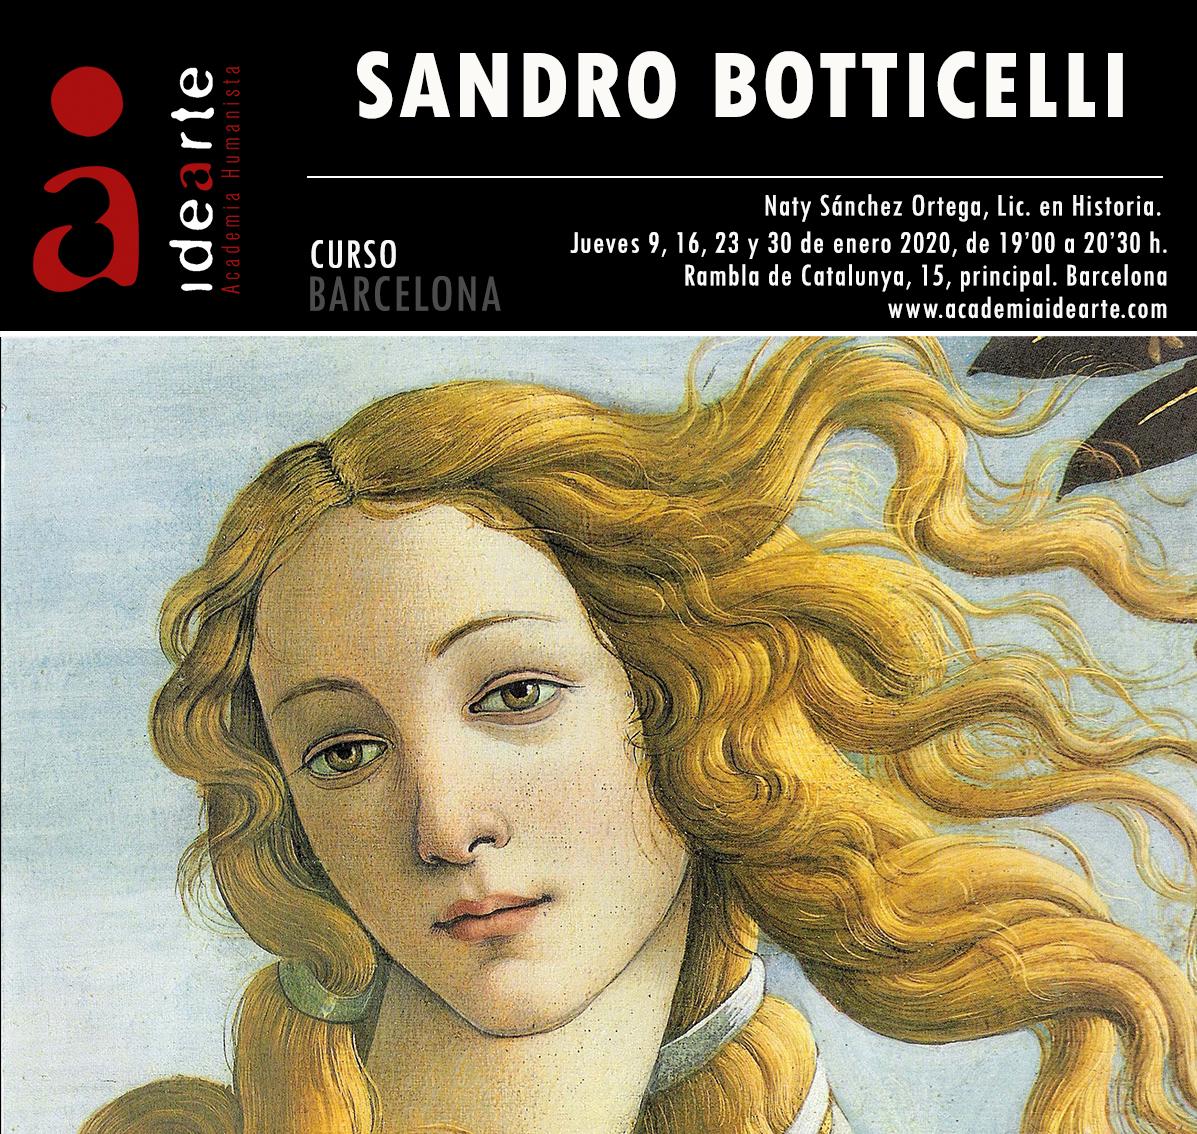 cursos de arte; Barcelona; Miguel Ángel; escultura; pintura; arquitectura; Renacimiento italiano; Florencia; Roma;